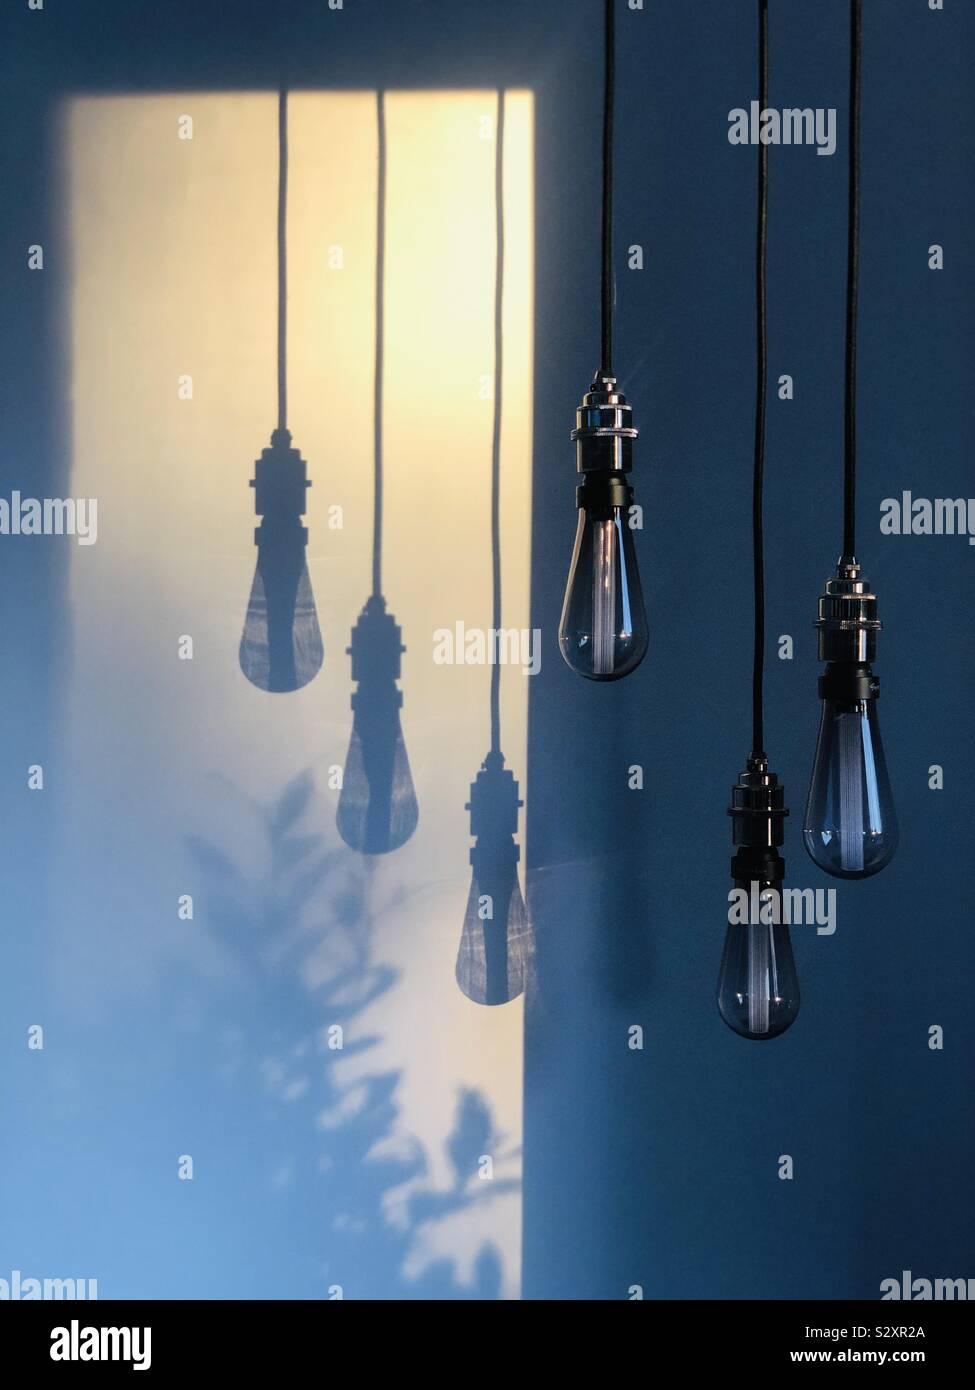 Am frühen Morgen Lichtreflexionen Stockfoto